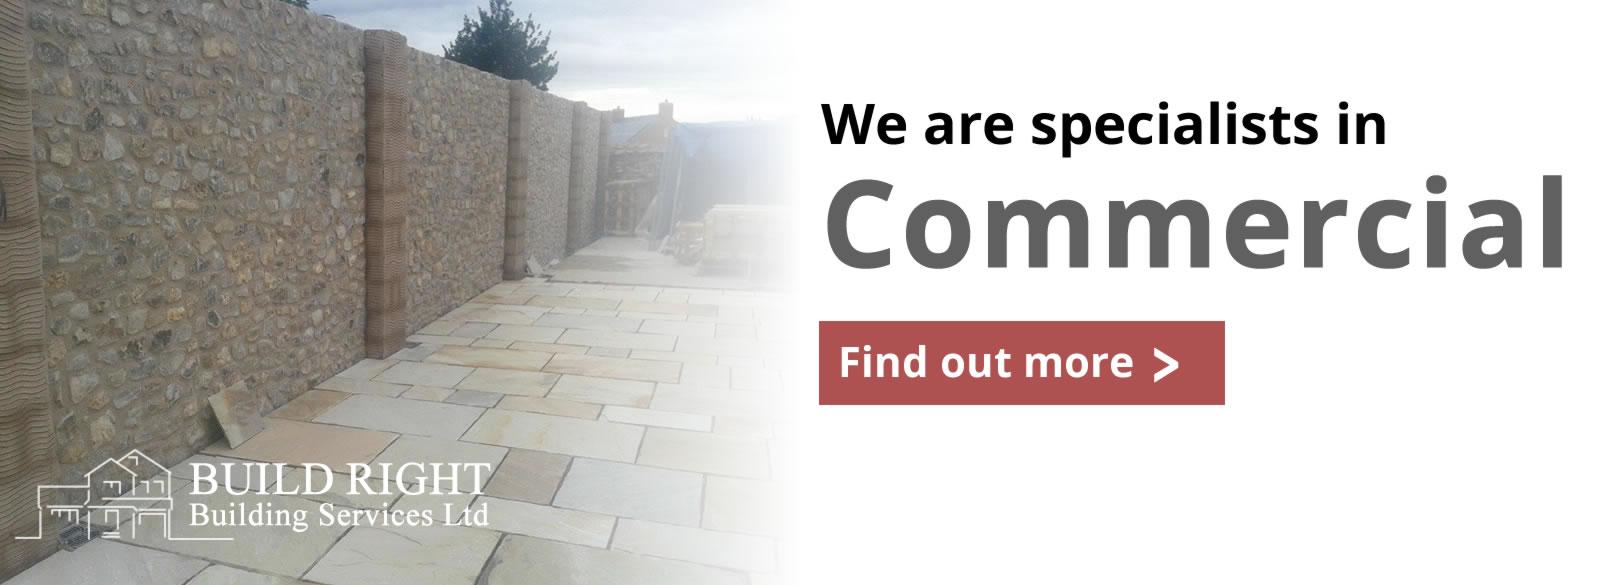 Build Right Building Services Ltd - Commercial construction builds